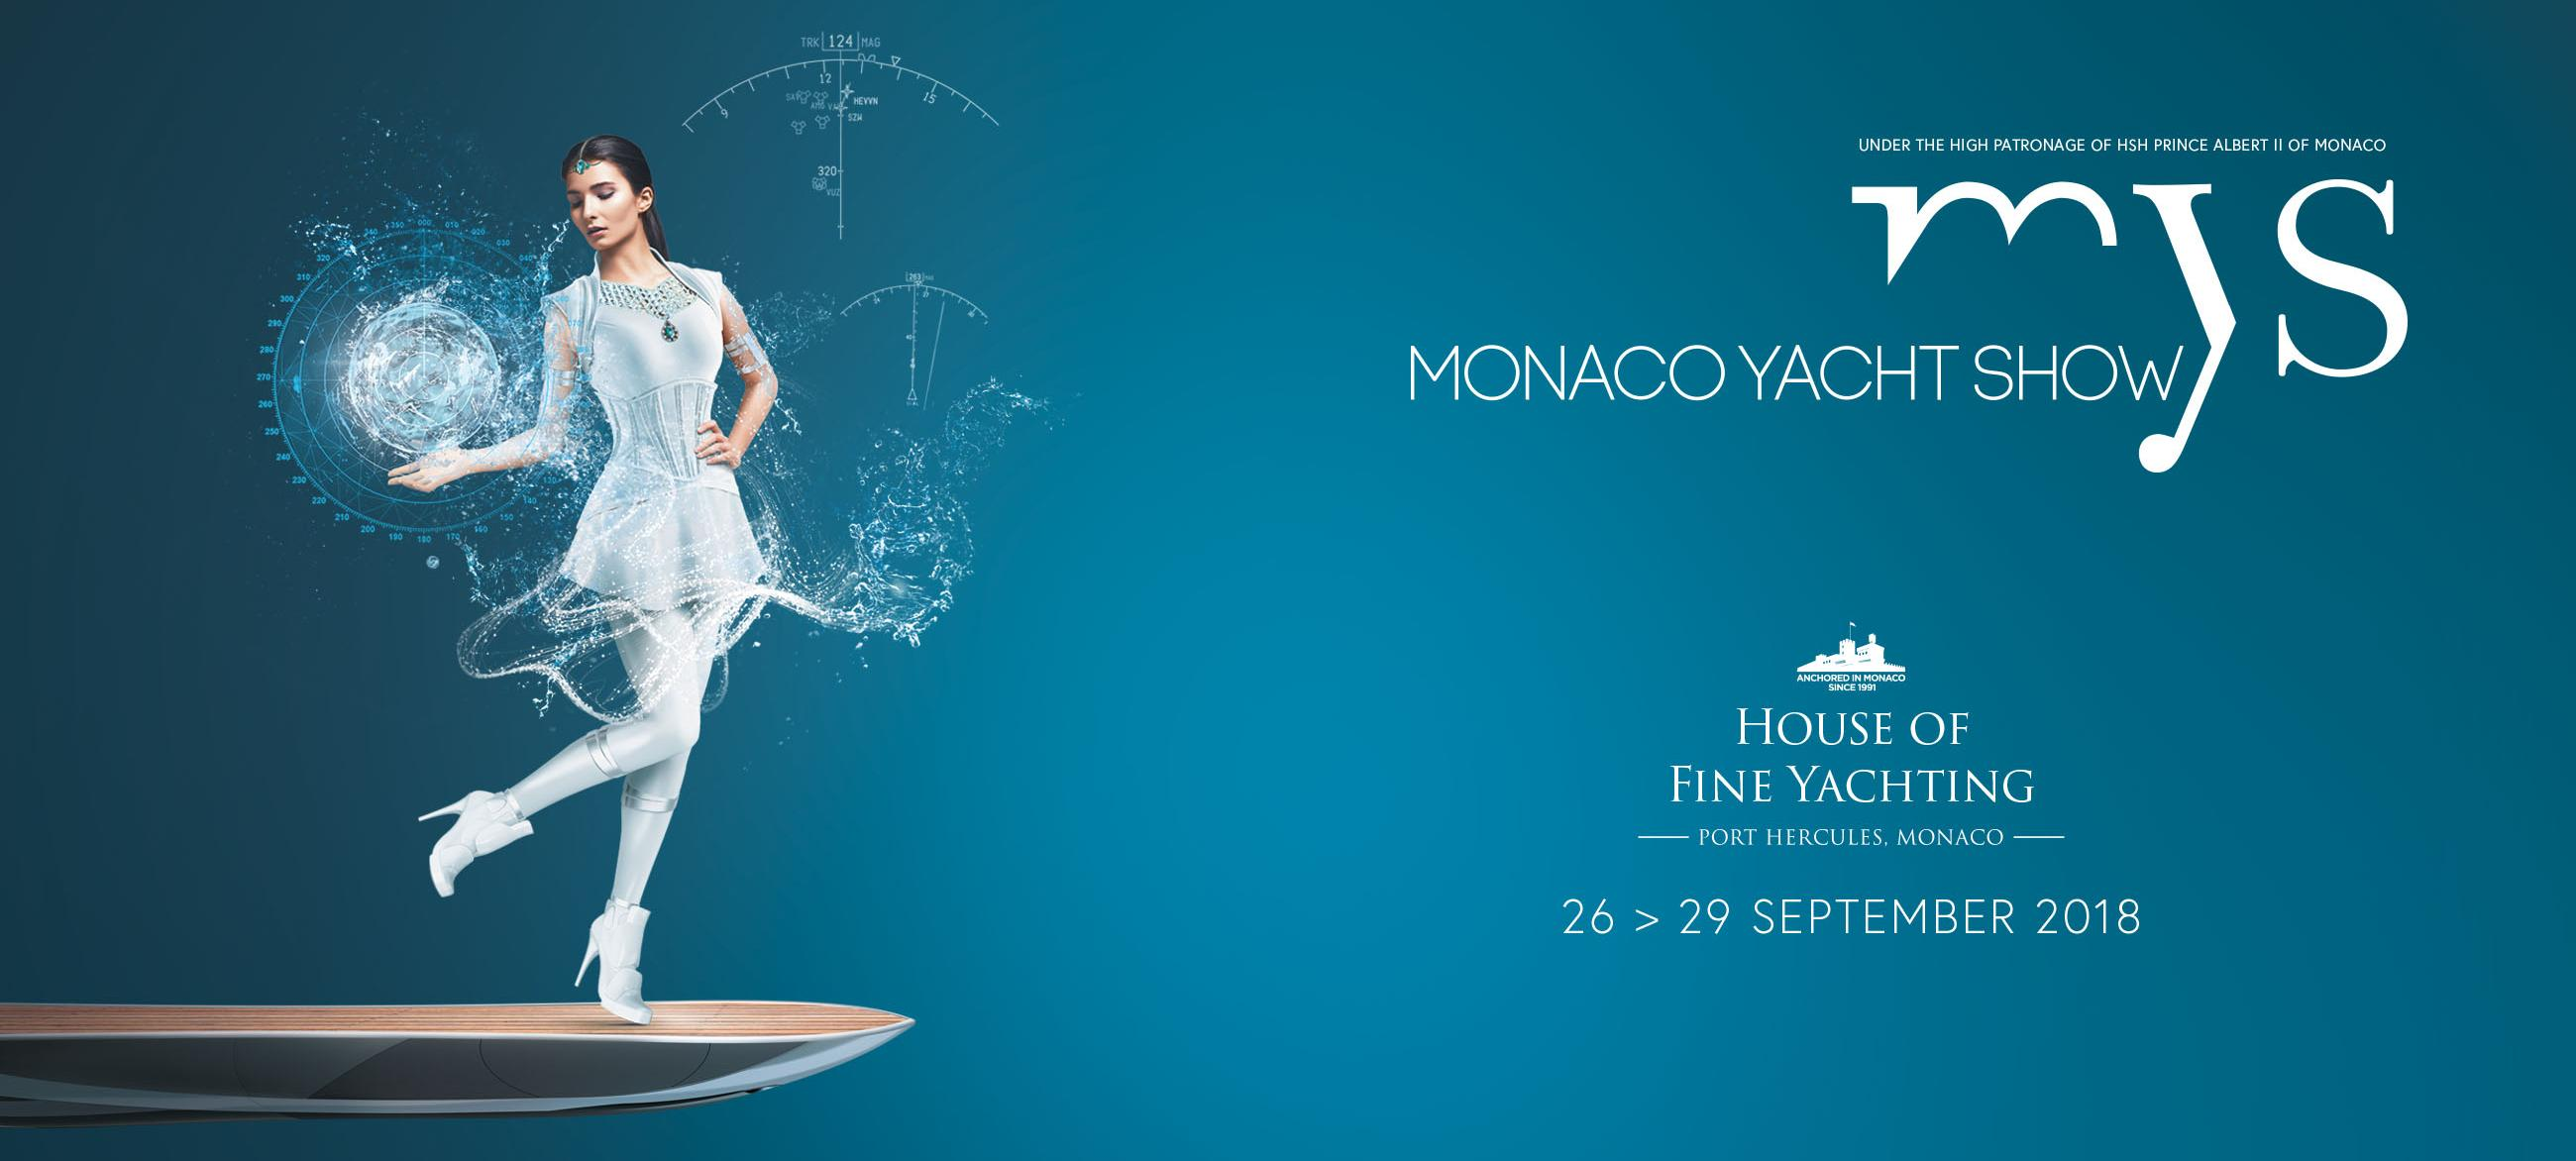 Monaco Yacht Show 2018 - 01R